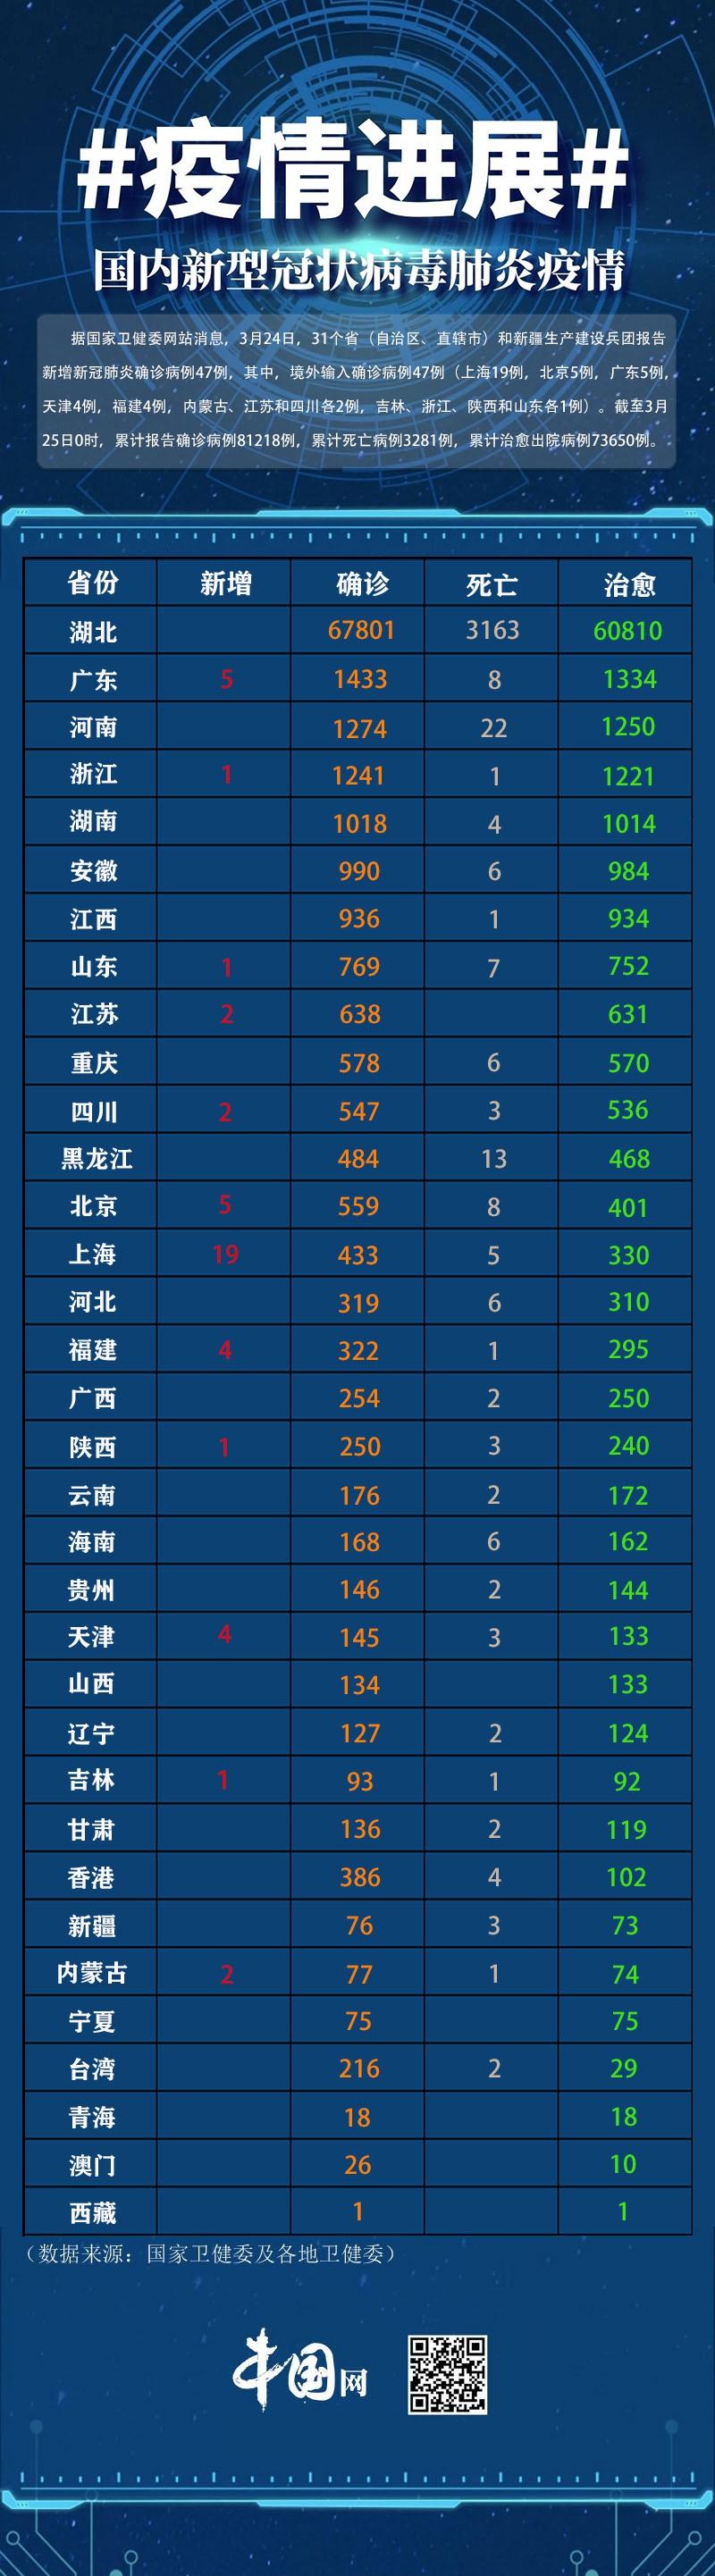 31省区市新增47例均为境外输入 上海新增超过北京达19例